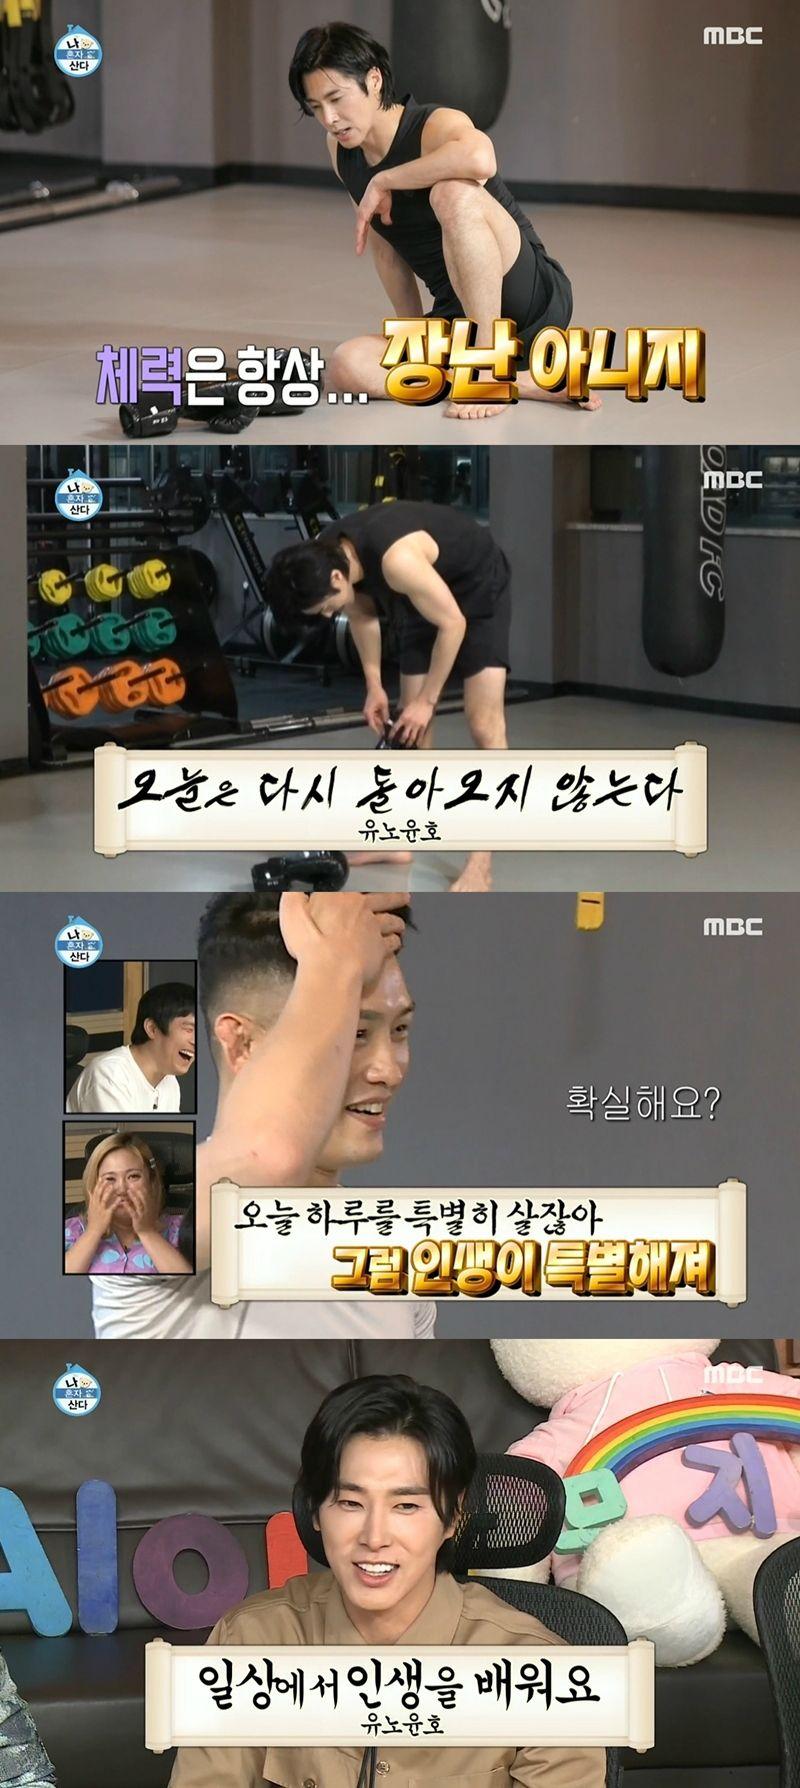 '열정 CEO' 유노윤호, '나 혼자 산다'서 명언 제조기 등극